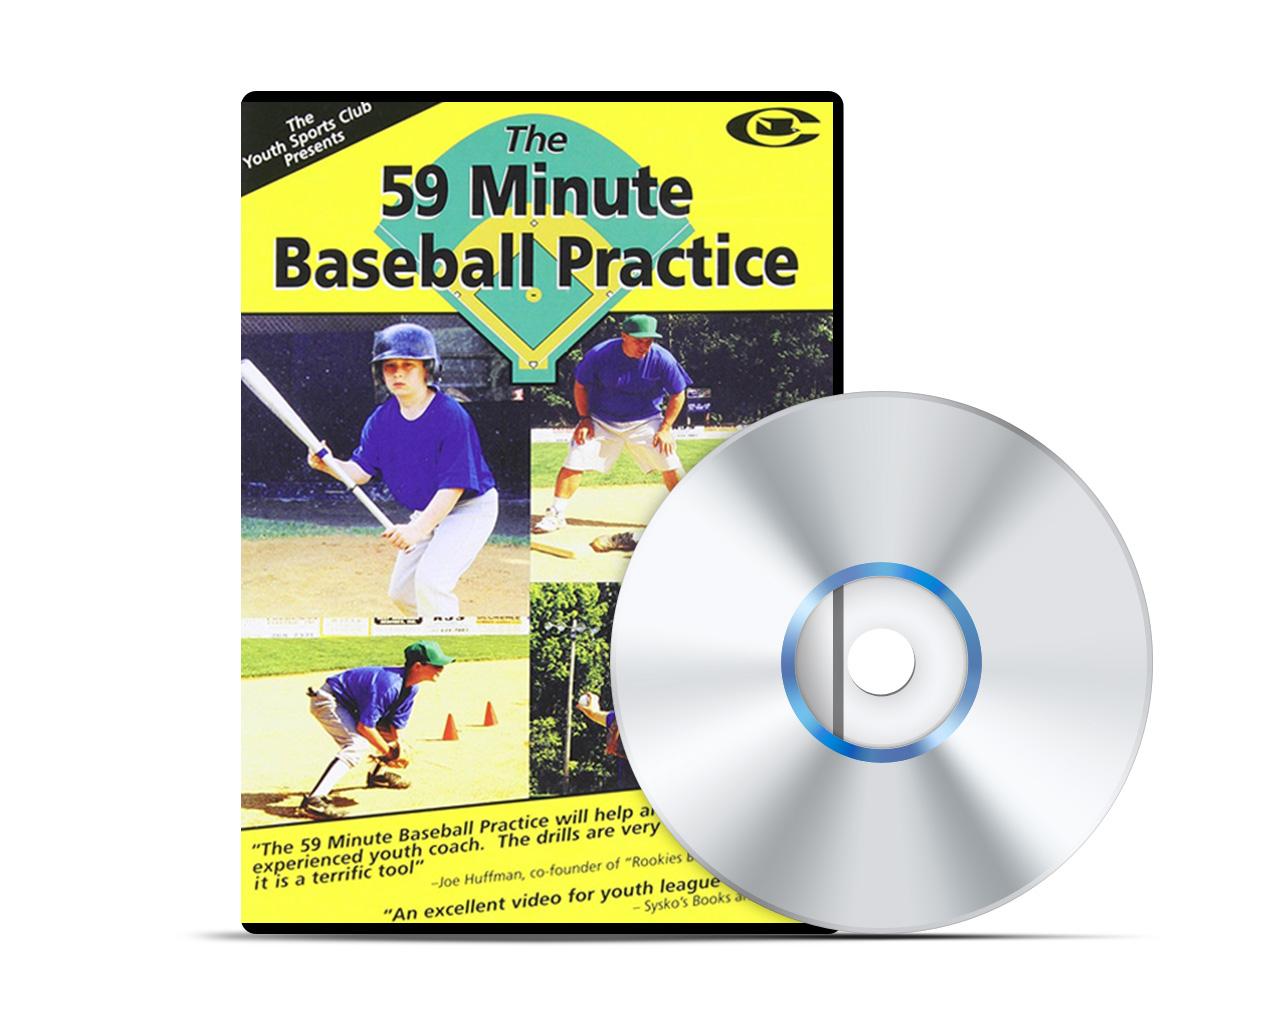 59 Minute Baseball Dvd Cover.jpg